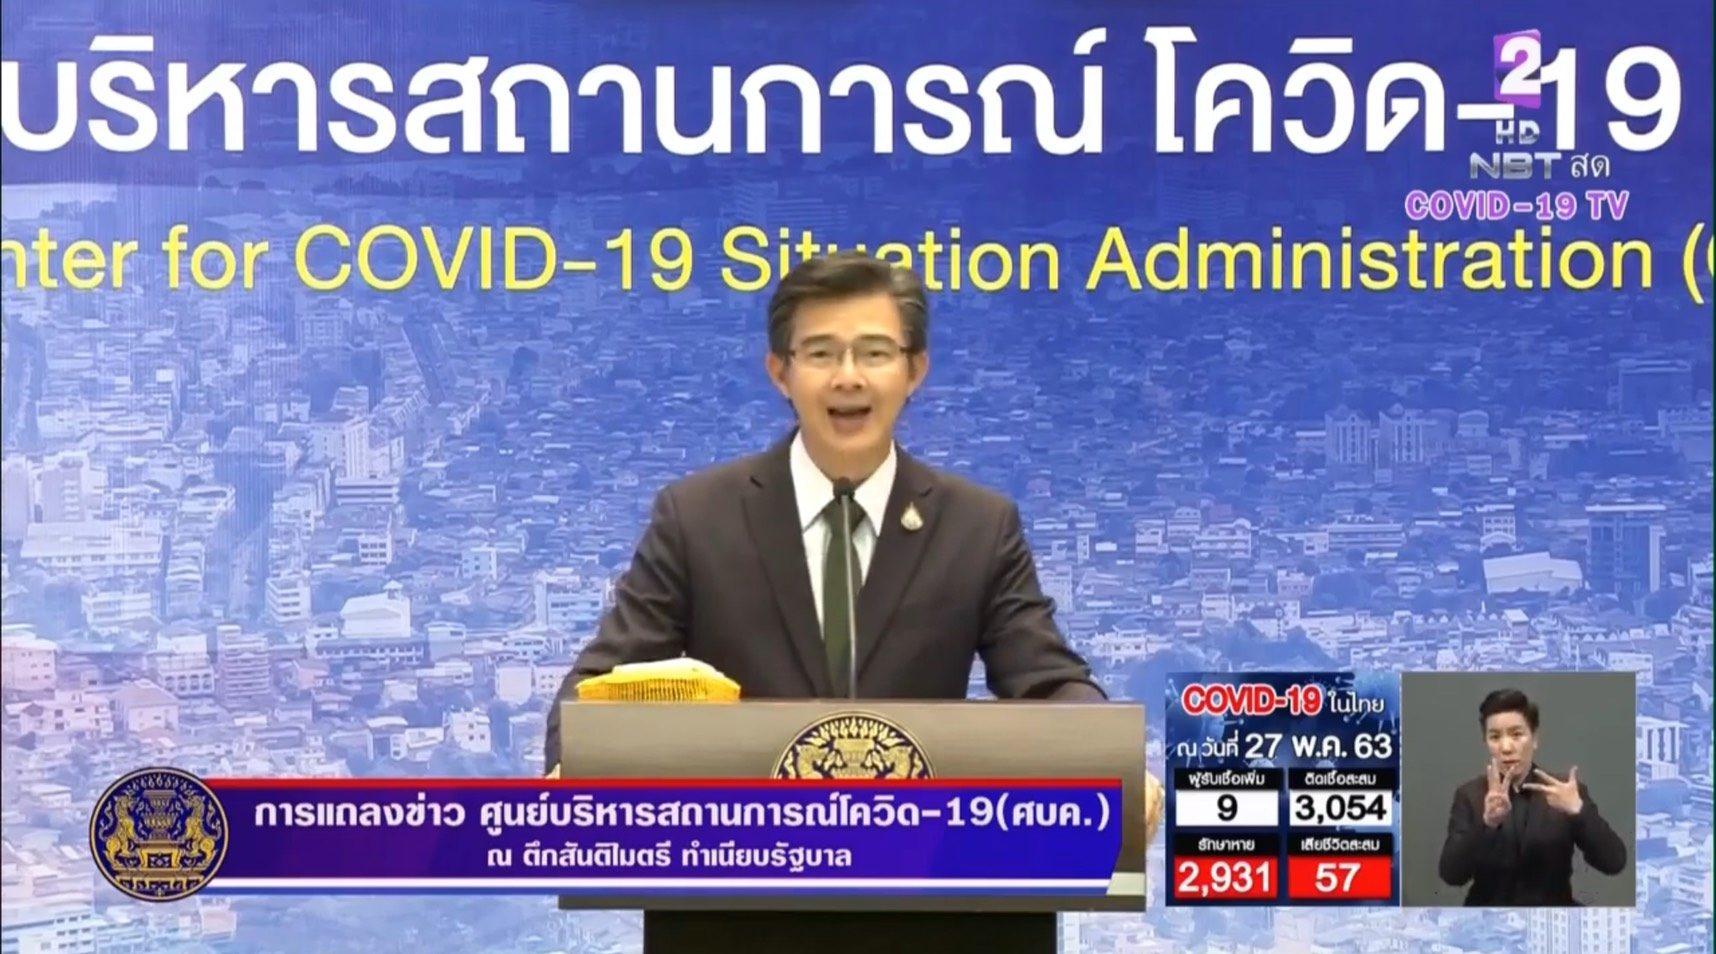 """ศบค.เผย 5 กลุ่มติดโควิด-19 สูงสุดในไทย """"สนามมวย-ผับ-สัมผัสใกล้ชิด"""""""